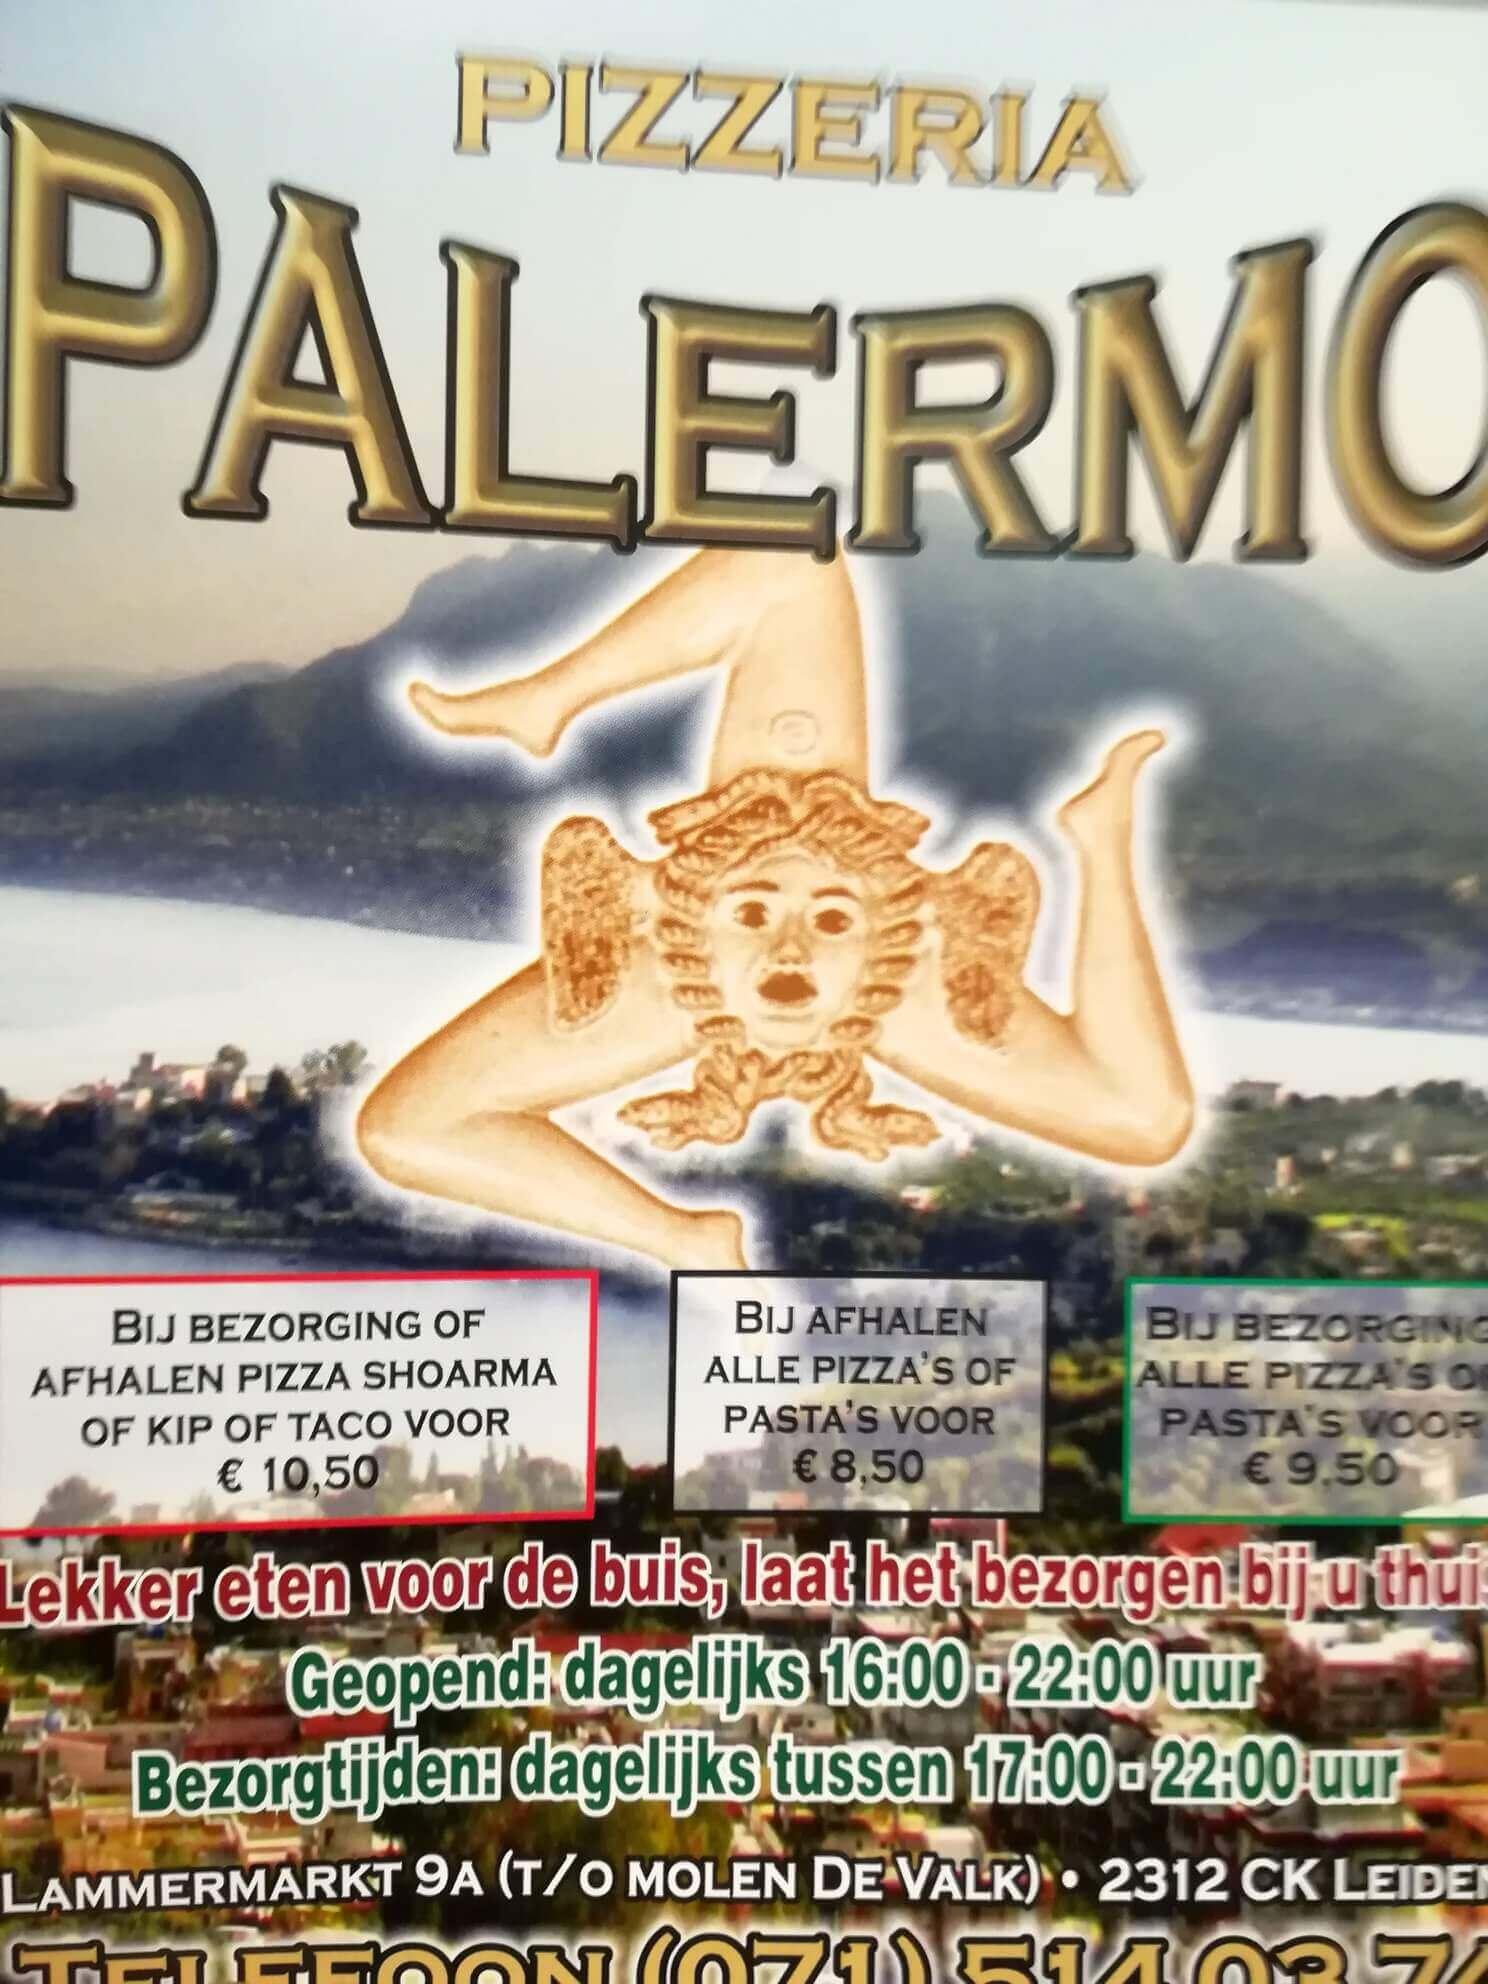 Pizzeria_Palermo_Leiden